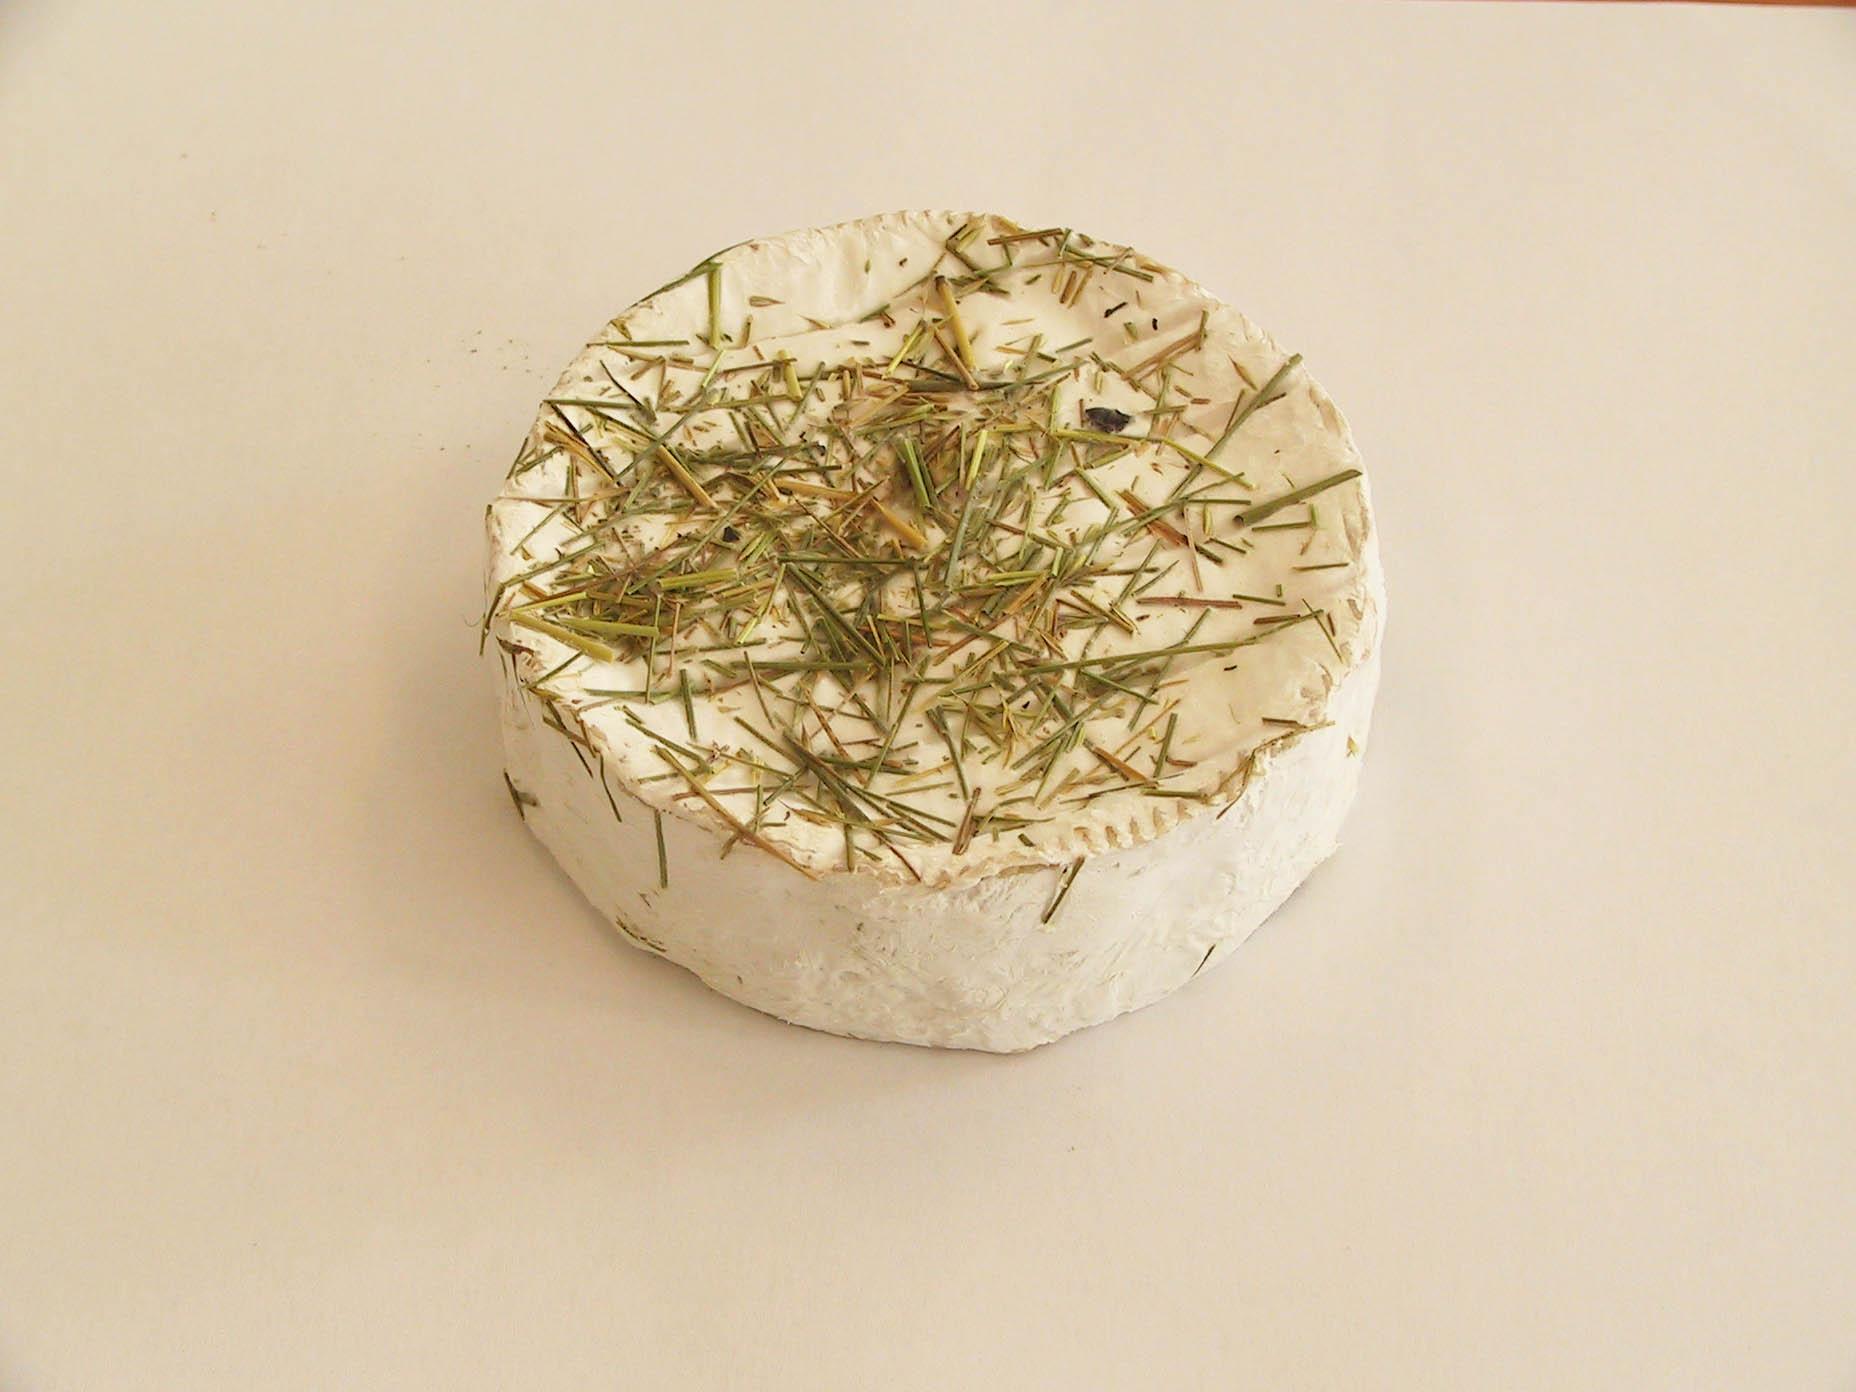 Olivet foin